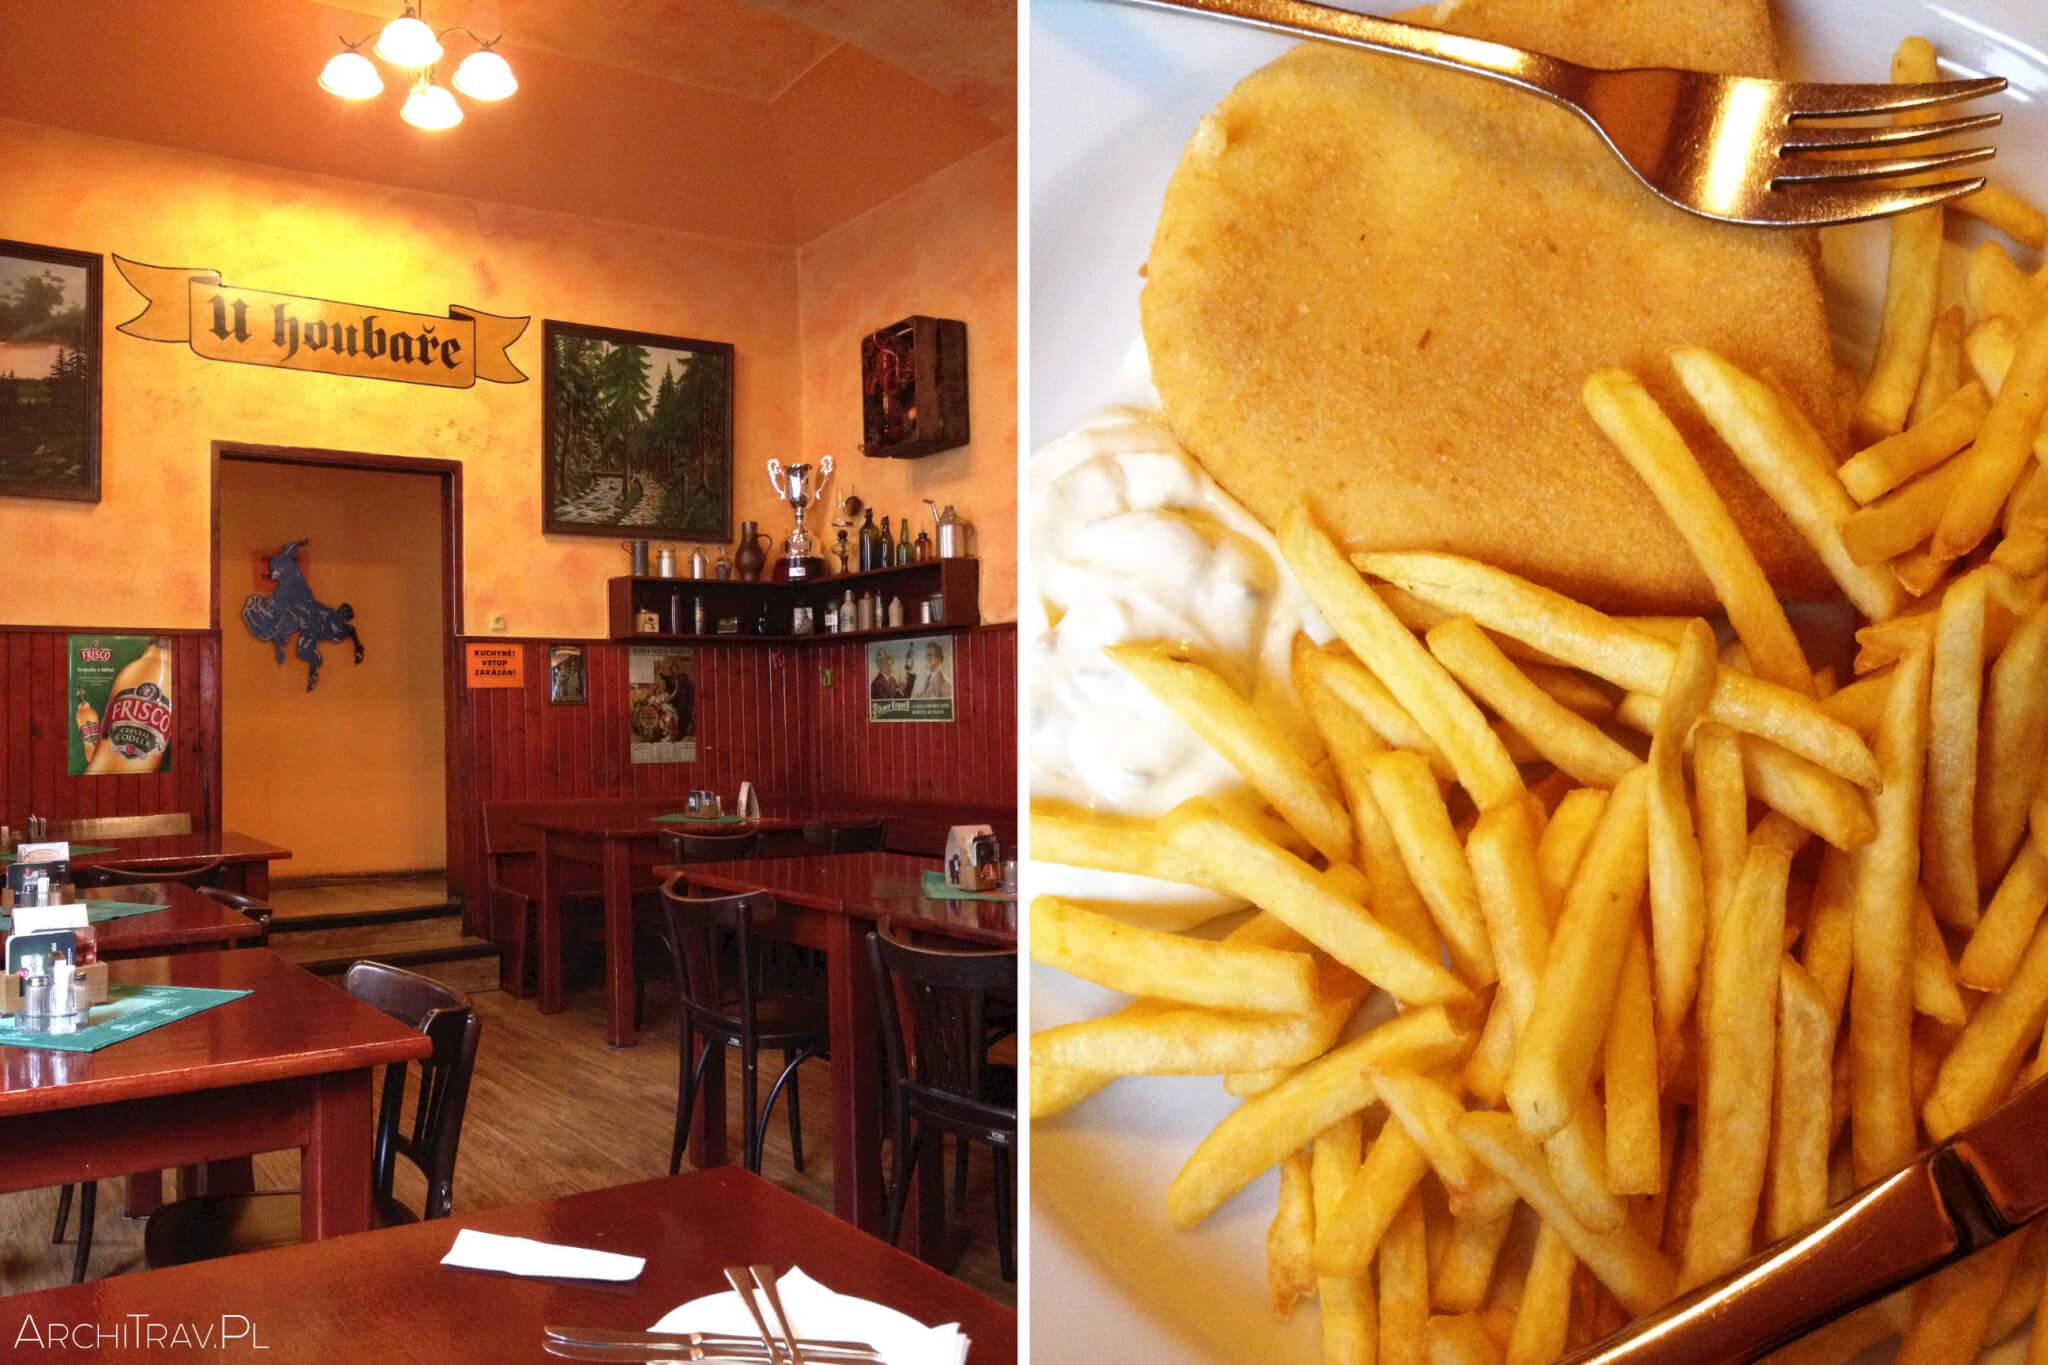 restauracja w Pradze U Houbare